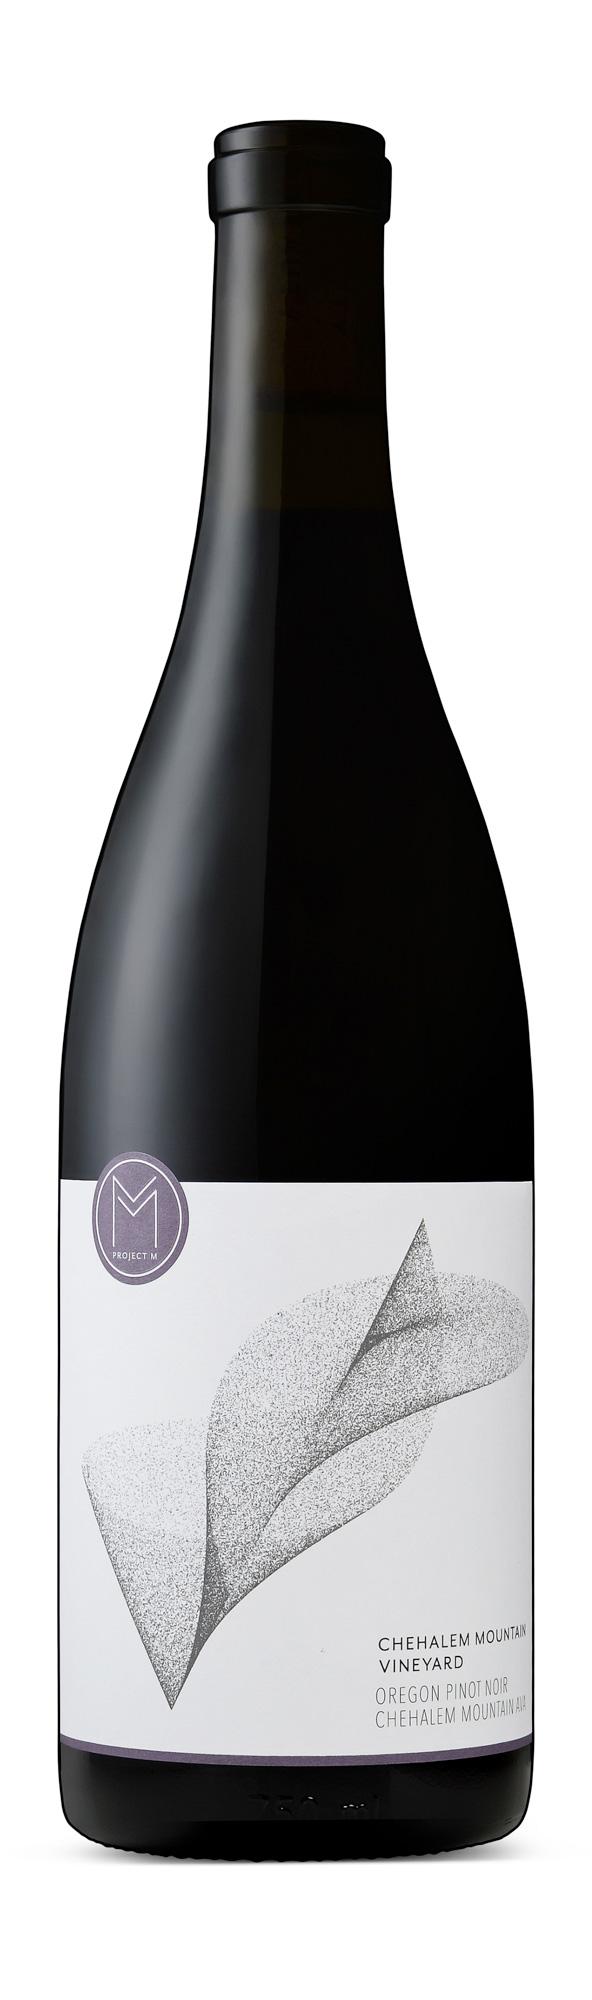 CHEHALEM MOUNTAIN VINEYARD 2017 Pinot Noir $55